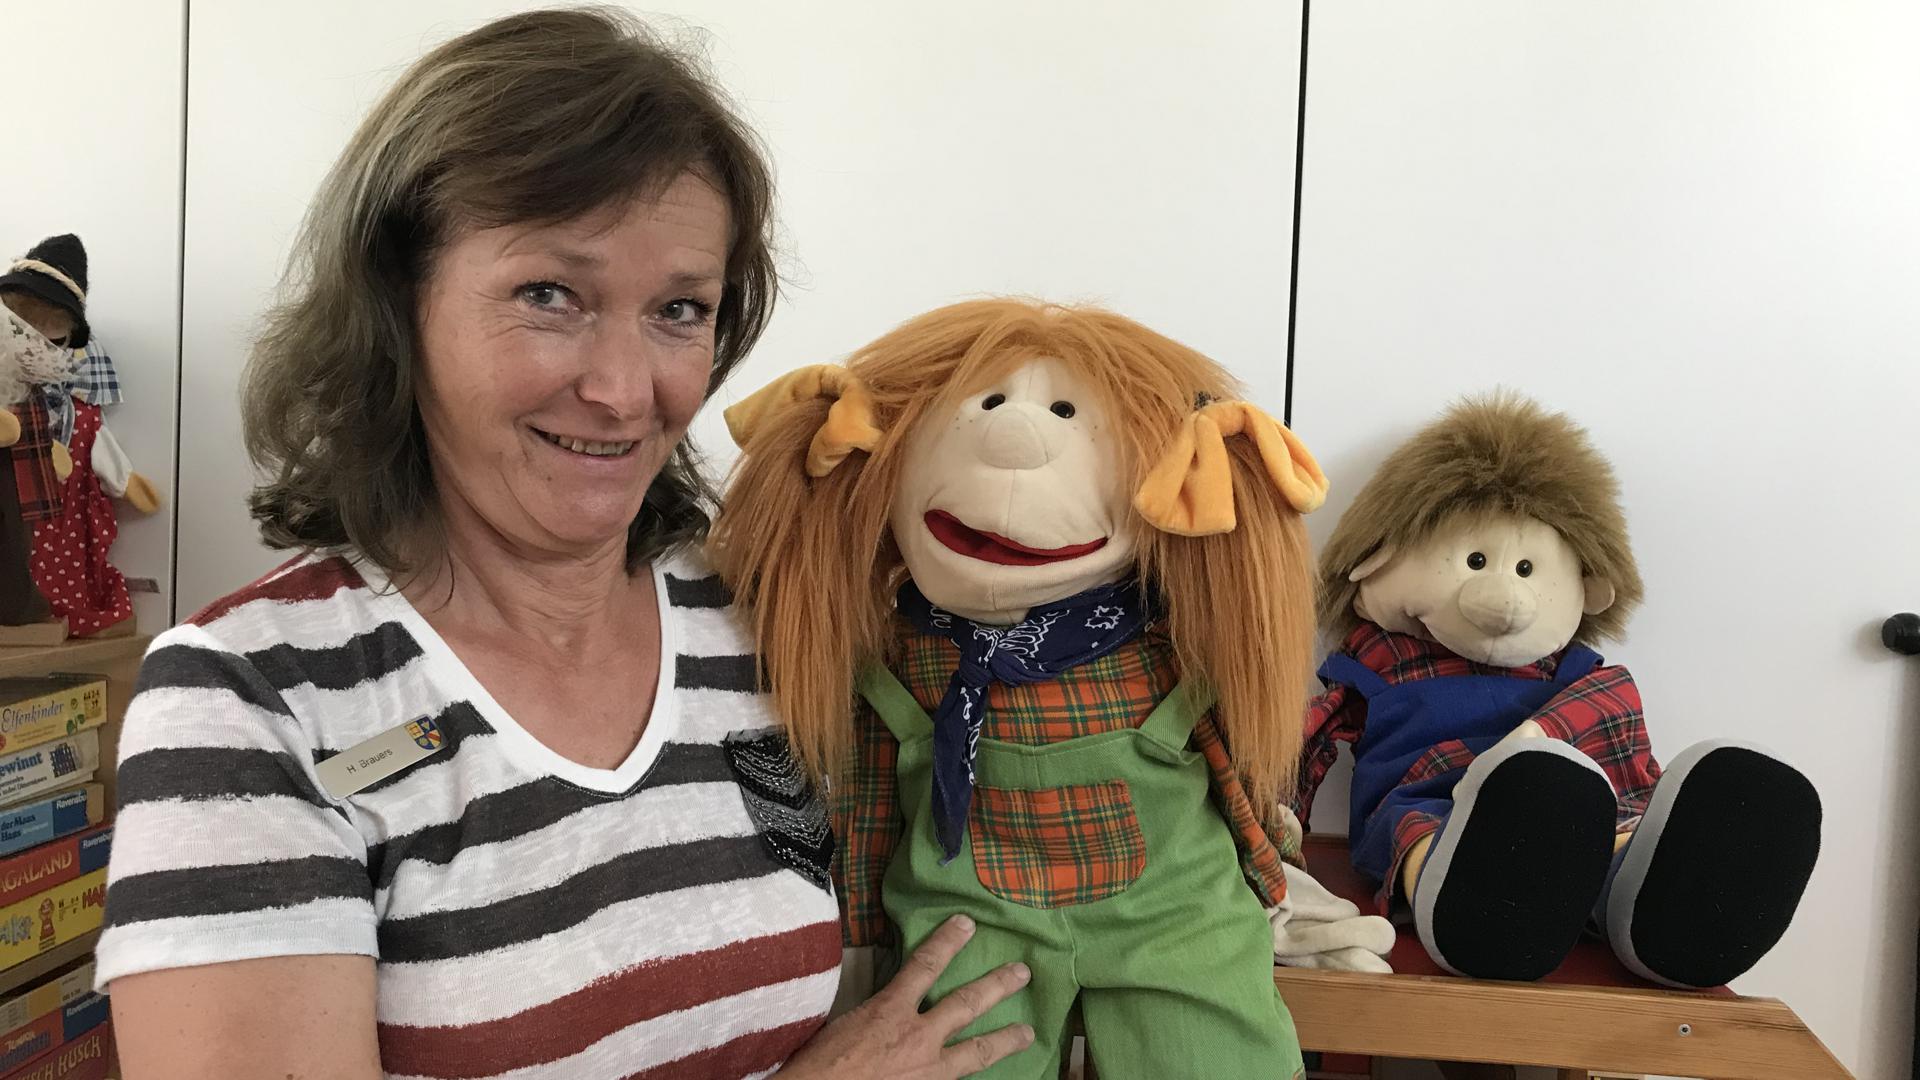 Puppen als Eisbrecher: Wenn sich Hilde Brauers mit kleinen Kindern über traumatische Erfahrungen unterhält, kommen nicht selten die freche Handpuppe Lucy und ihr Bruder Kalle zum Einsatz.